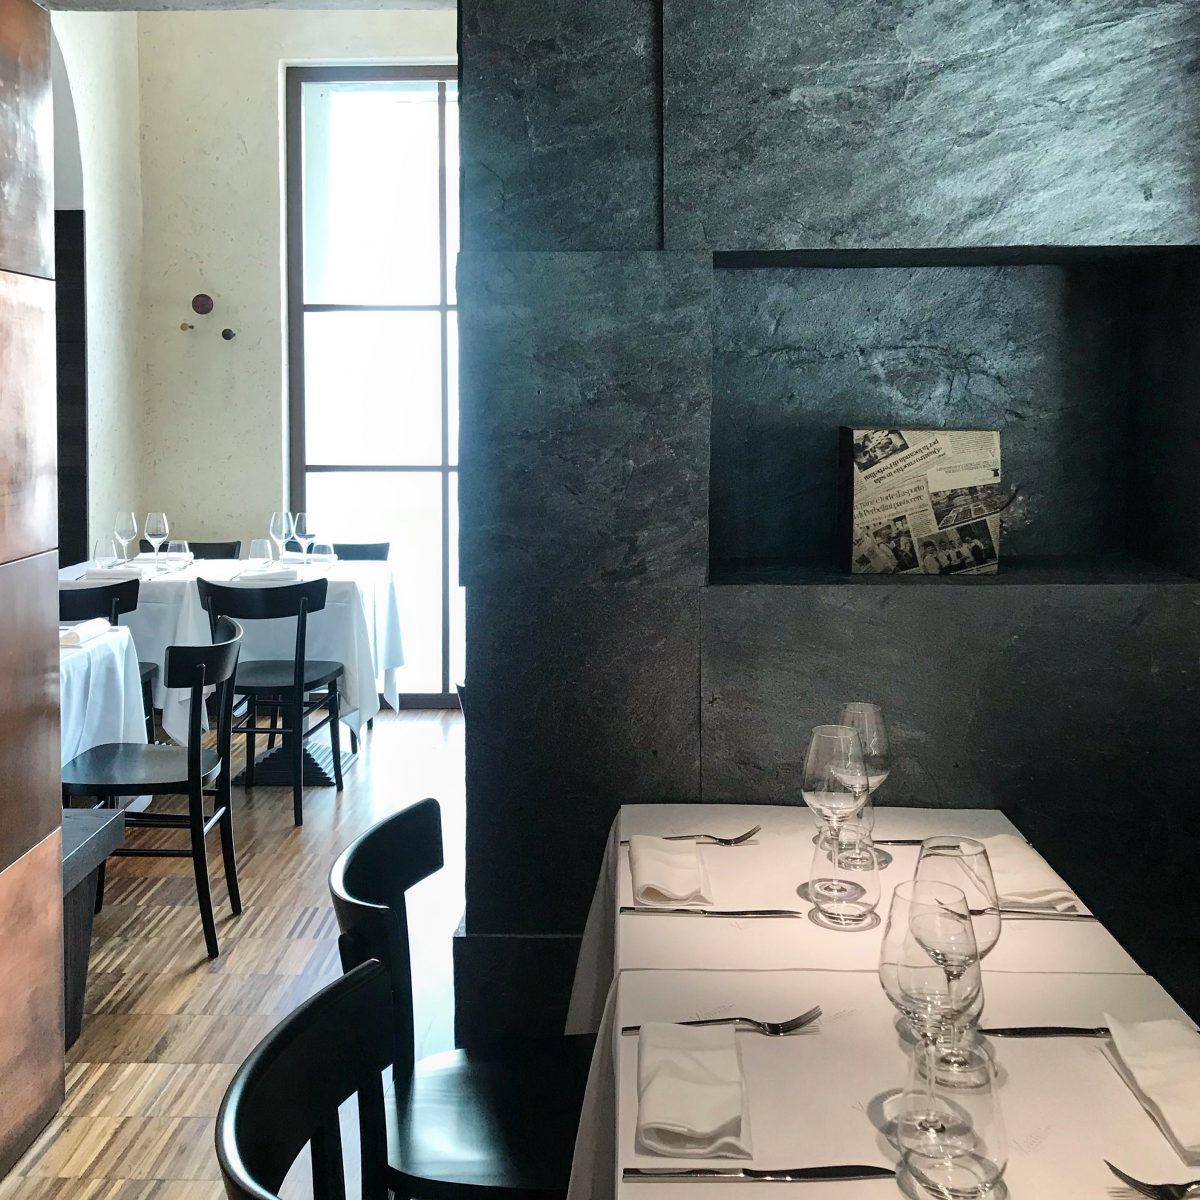 Un pranzo alla locanda perbellini bistrot a milano - La locanda degli amori diversi ...